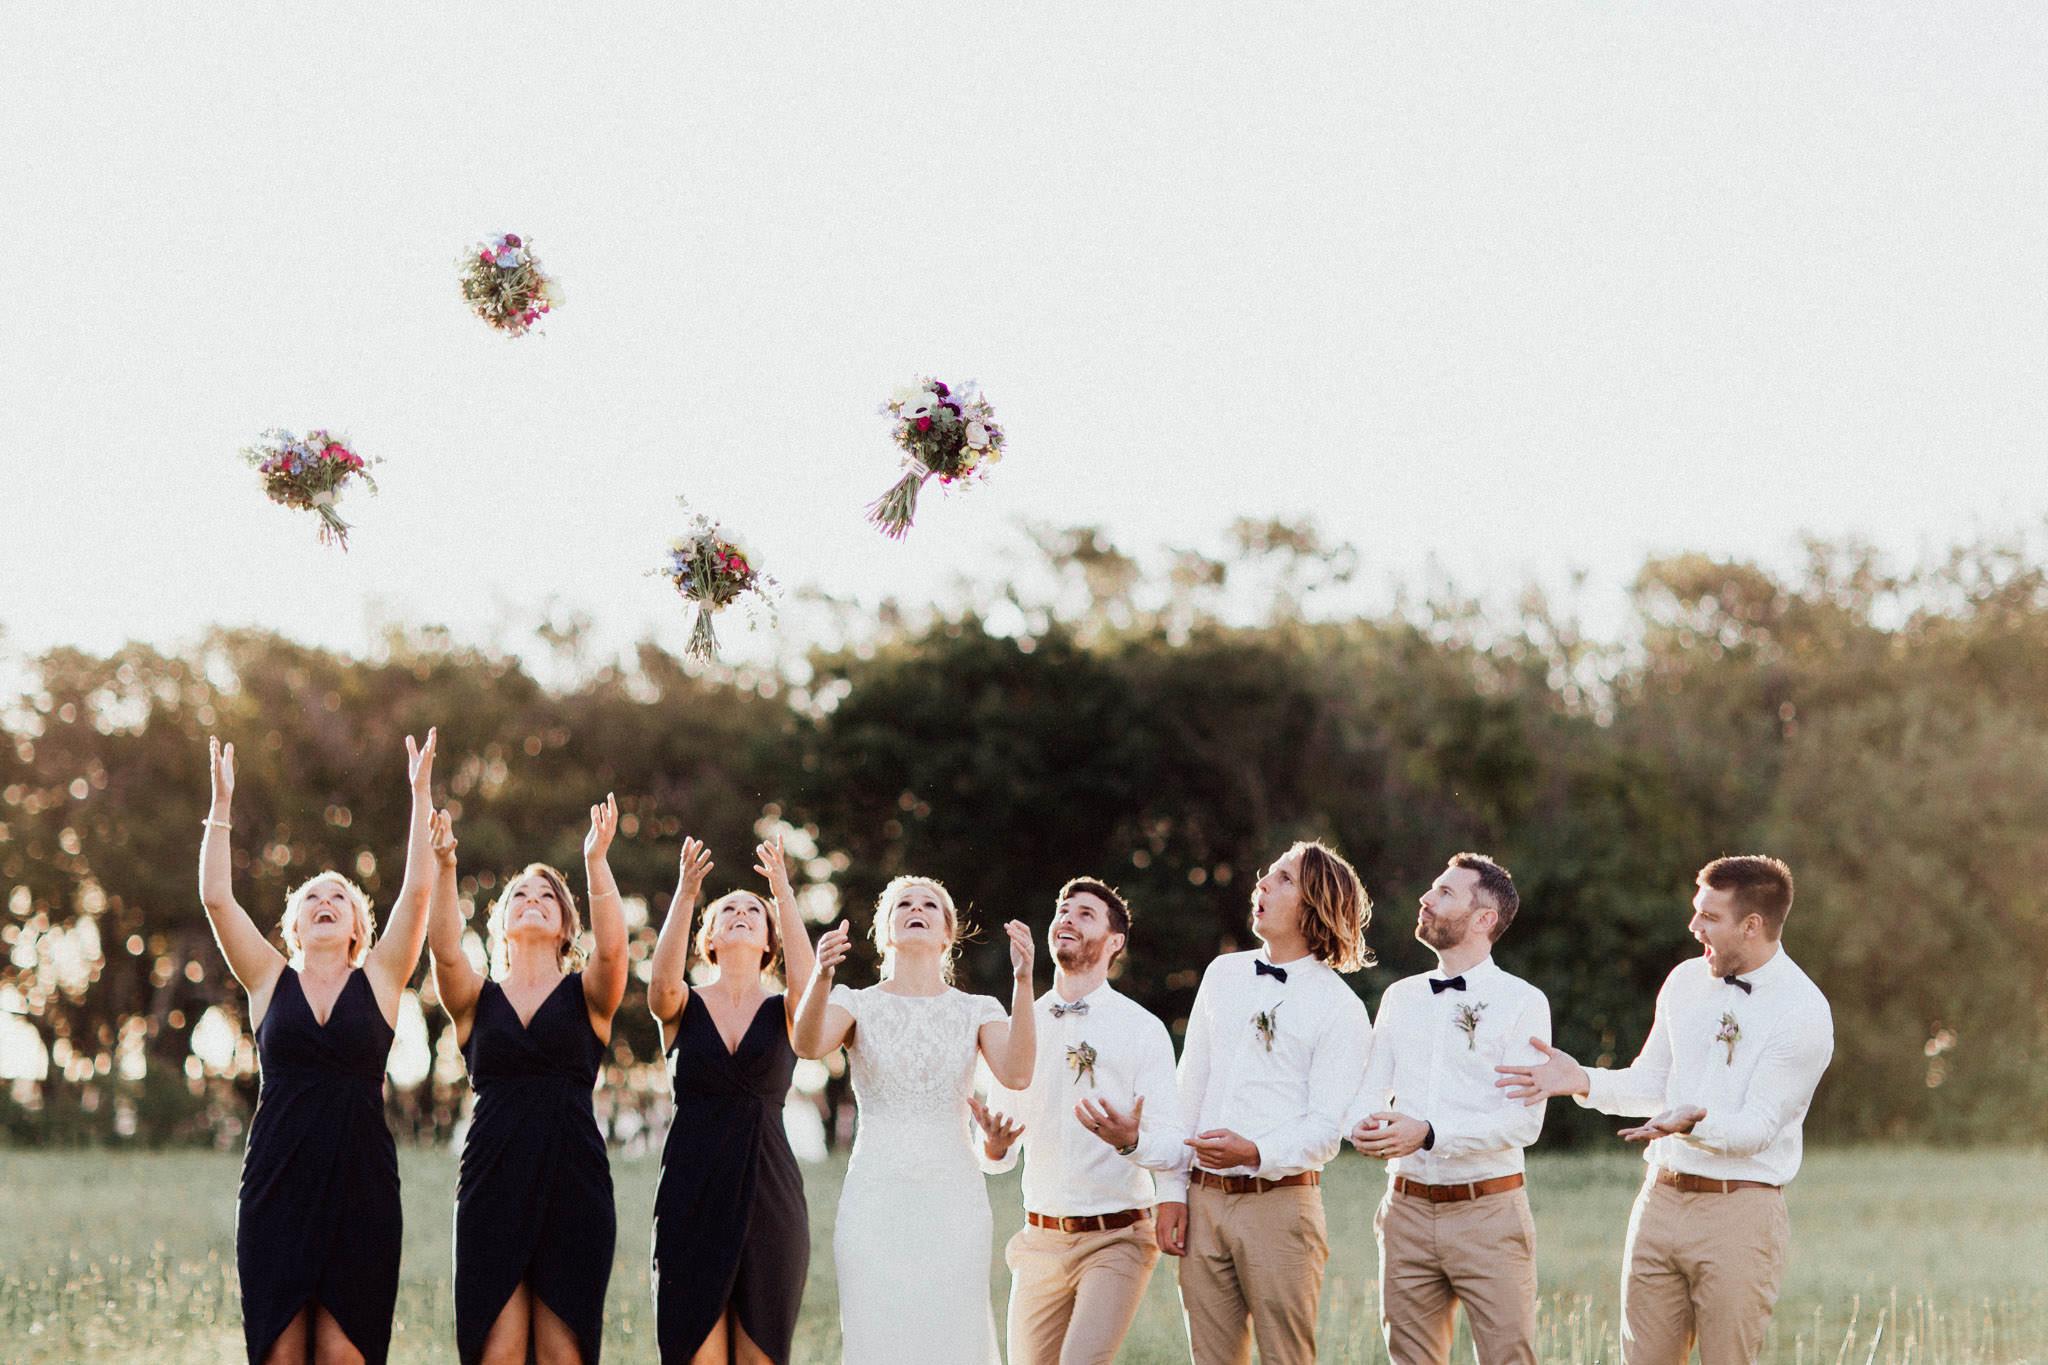 WeddingPhotos_Facebook_2048pixels-1625.jpg